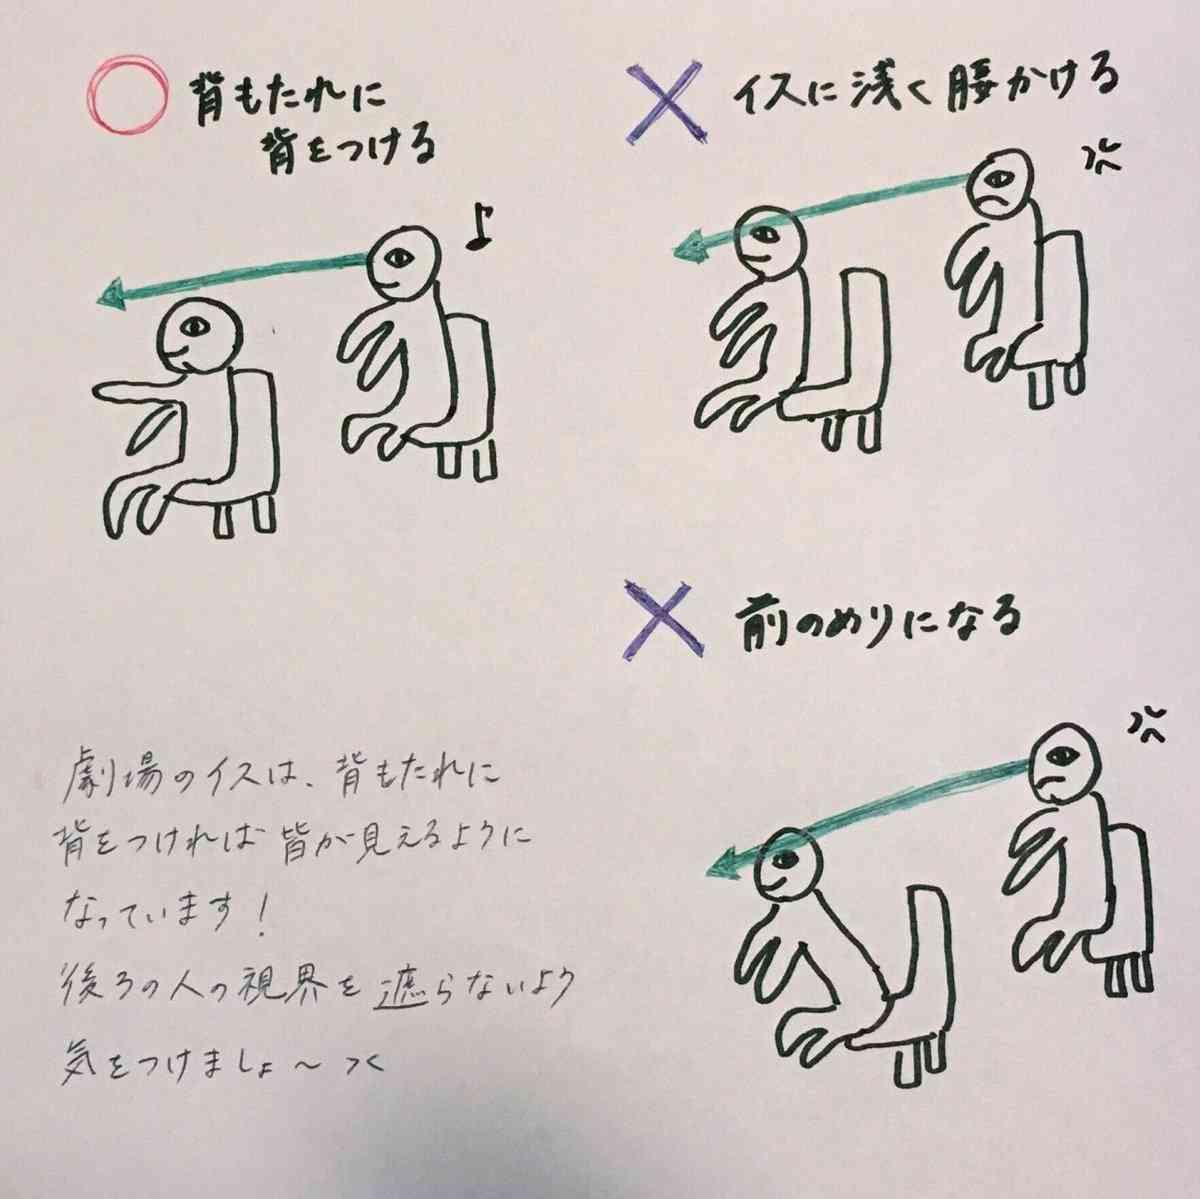 舞台鑑賞のルール